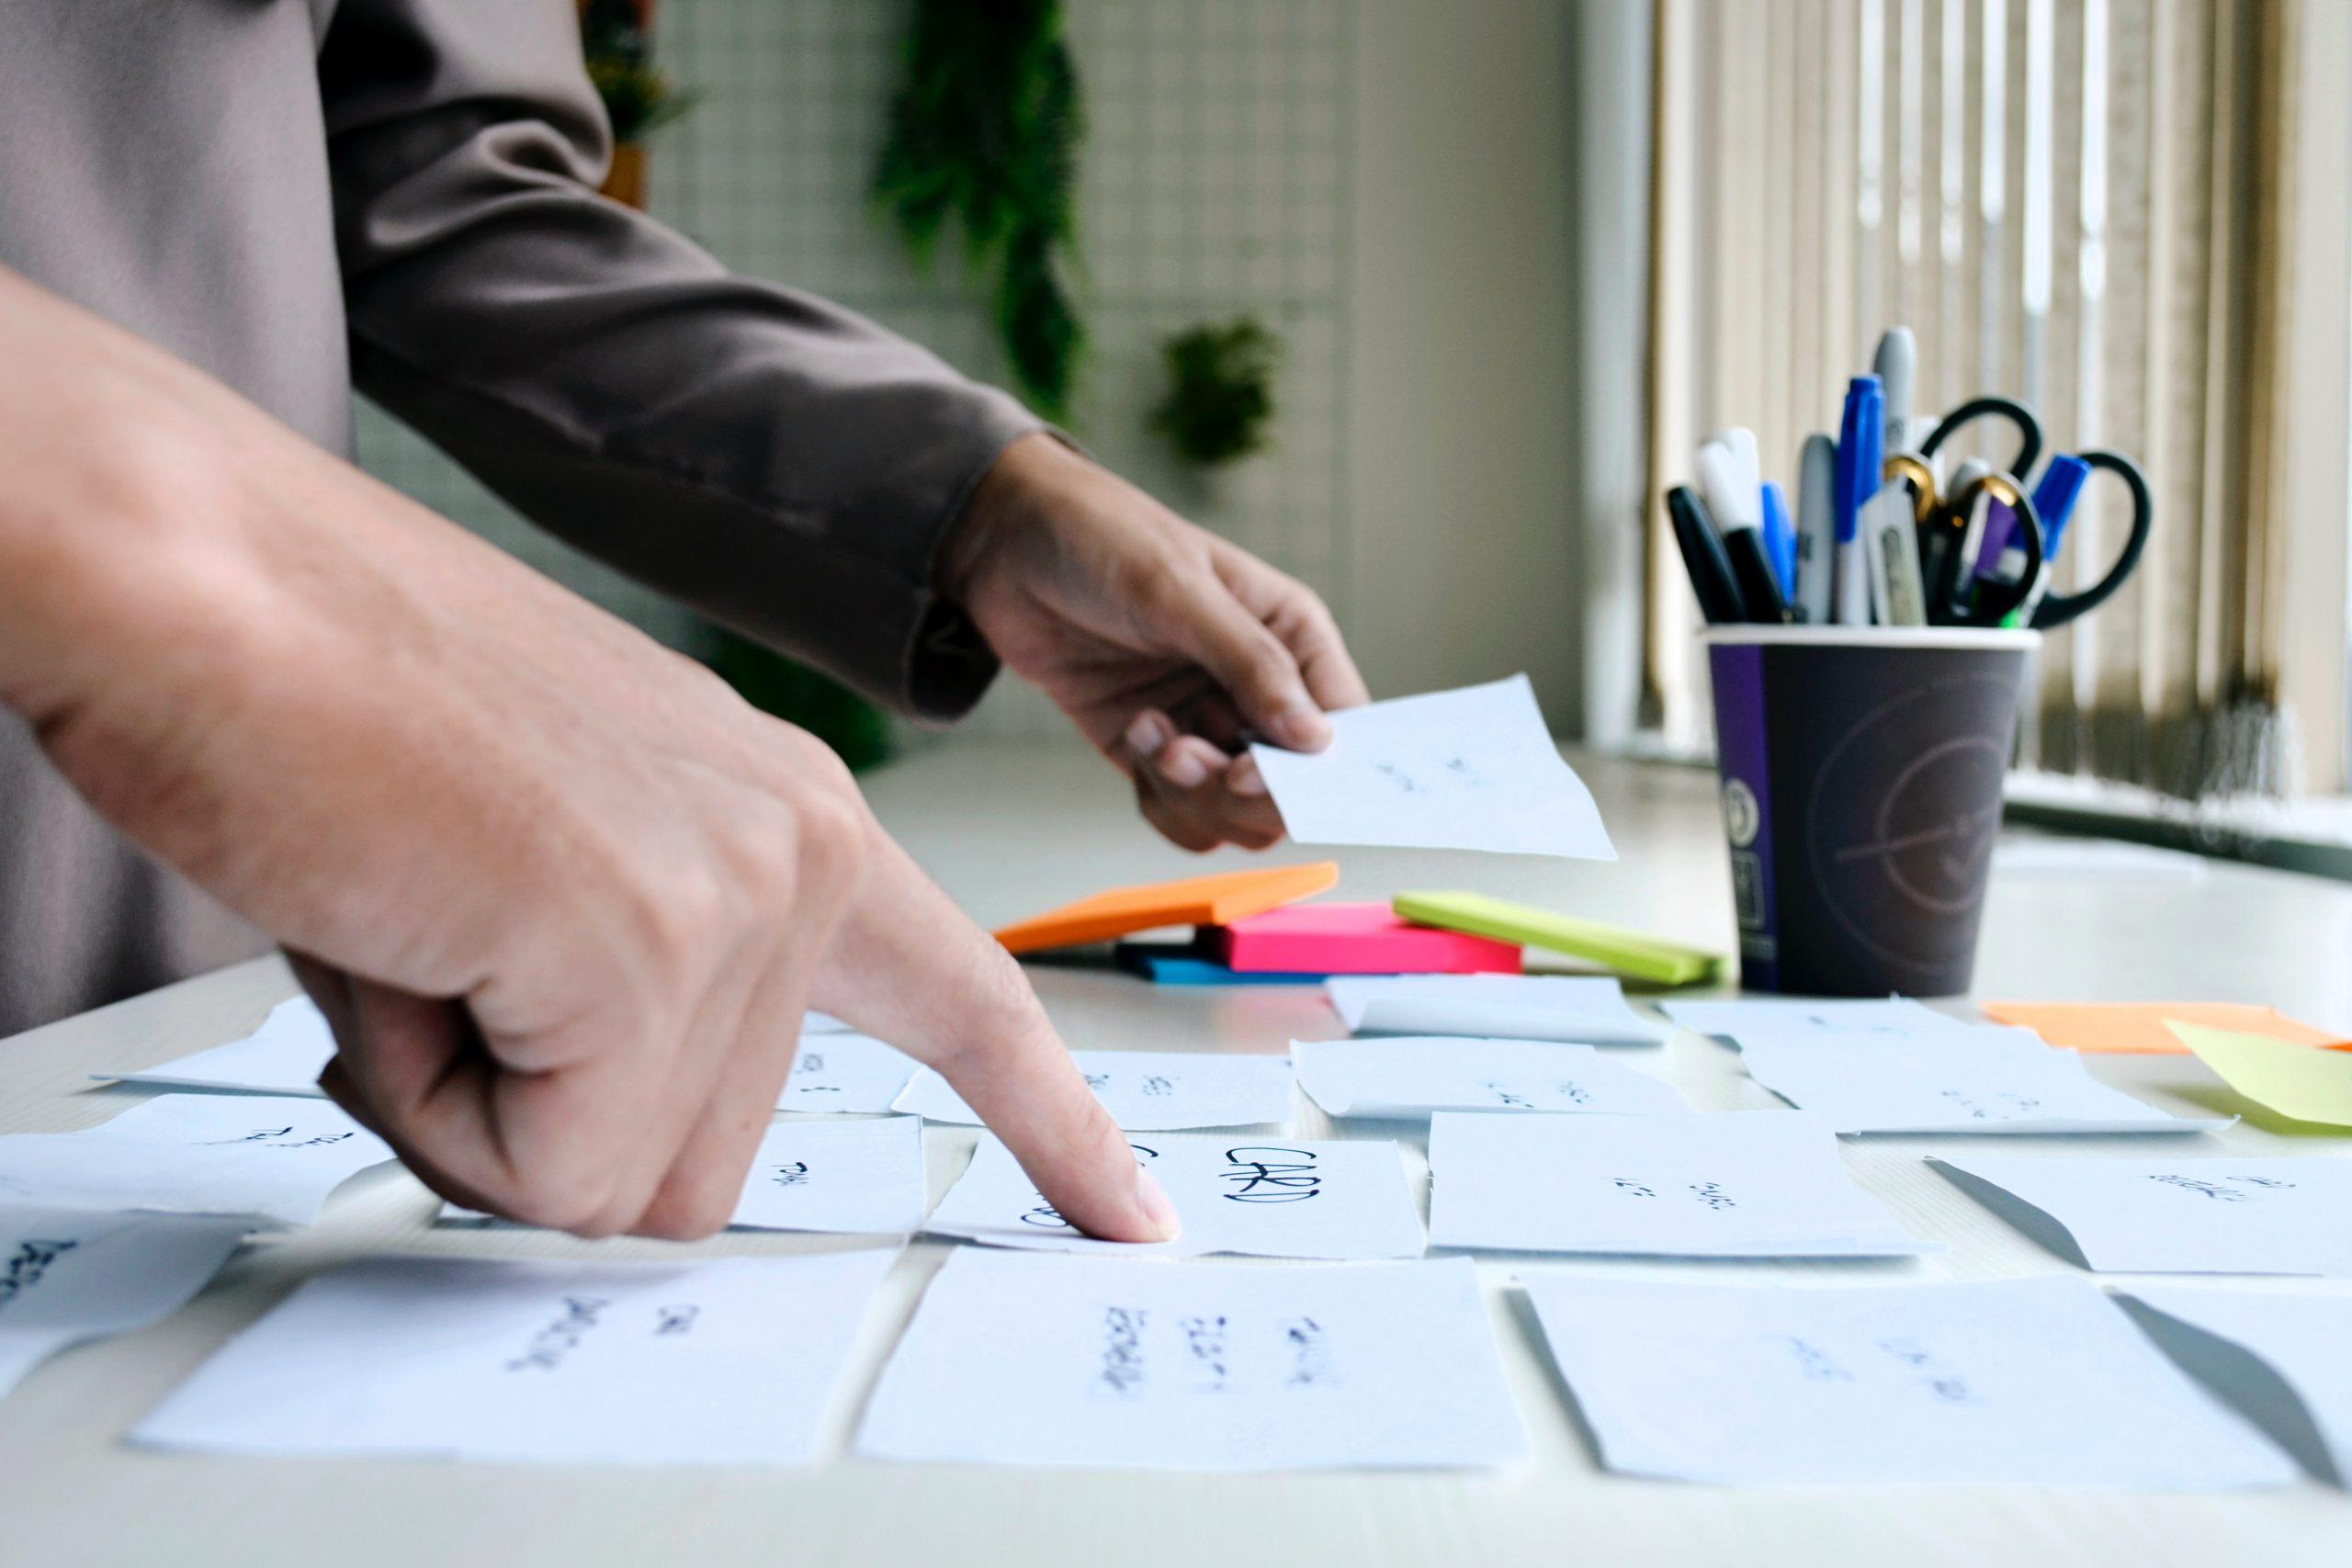 ユーザーが実現したいことを可視化するための手法ユーザーストーリー